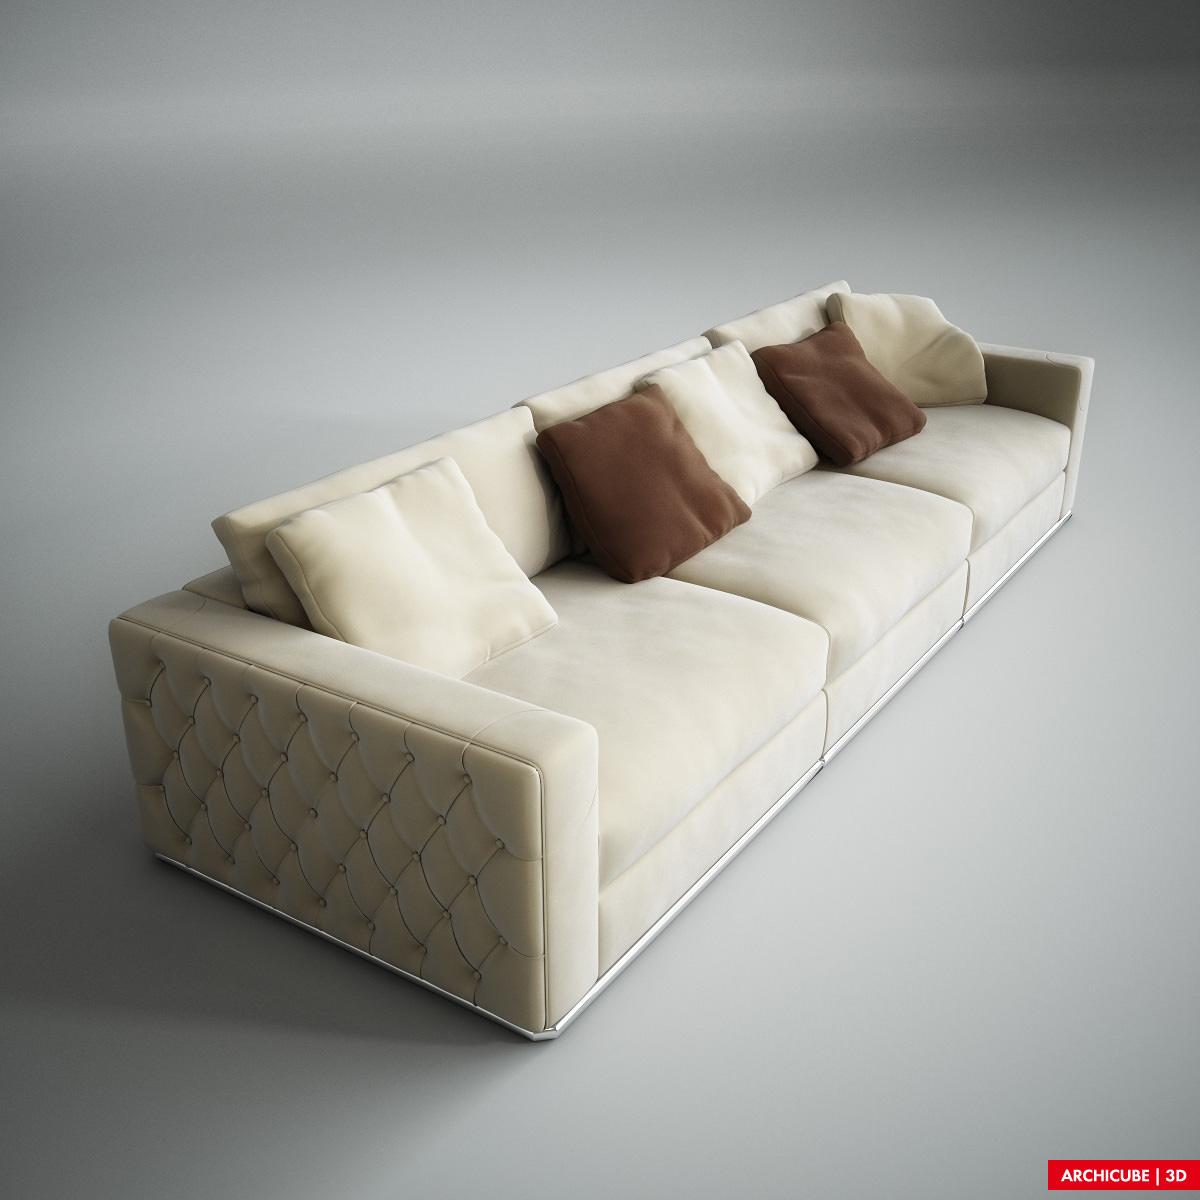 c873de7b11fd Fendi Sofa 3D model